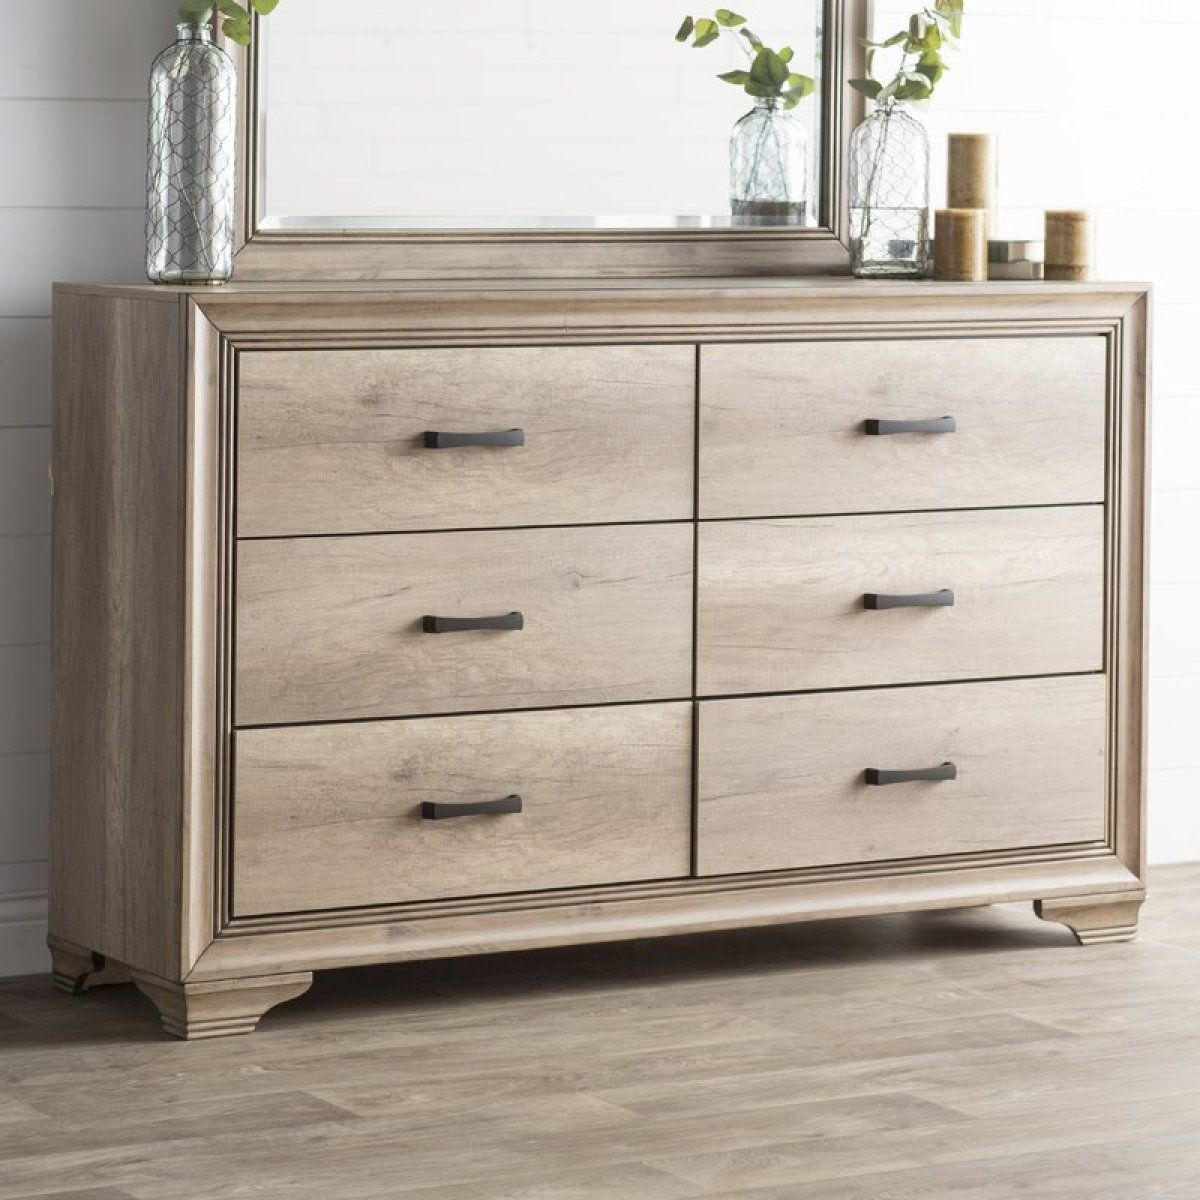 Modern Farmhouse Style From Wayfair Wood Bedroom Decor Farmhouse Bedroom Furniture Furniture [ 1200 x 1200 Pixel ]